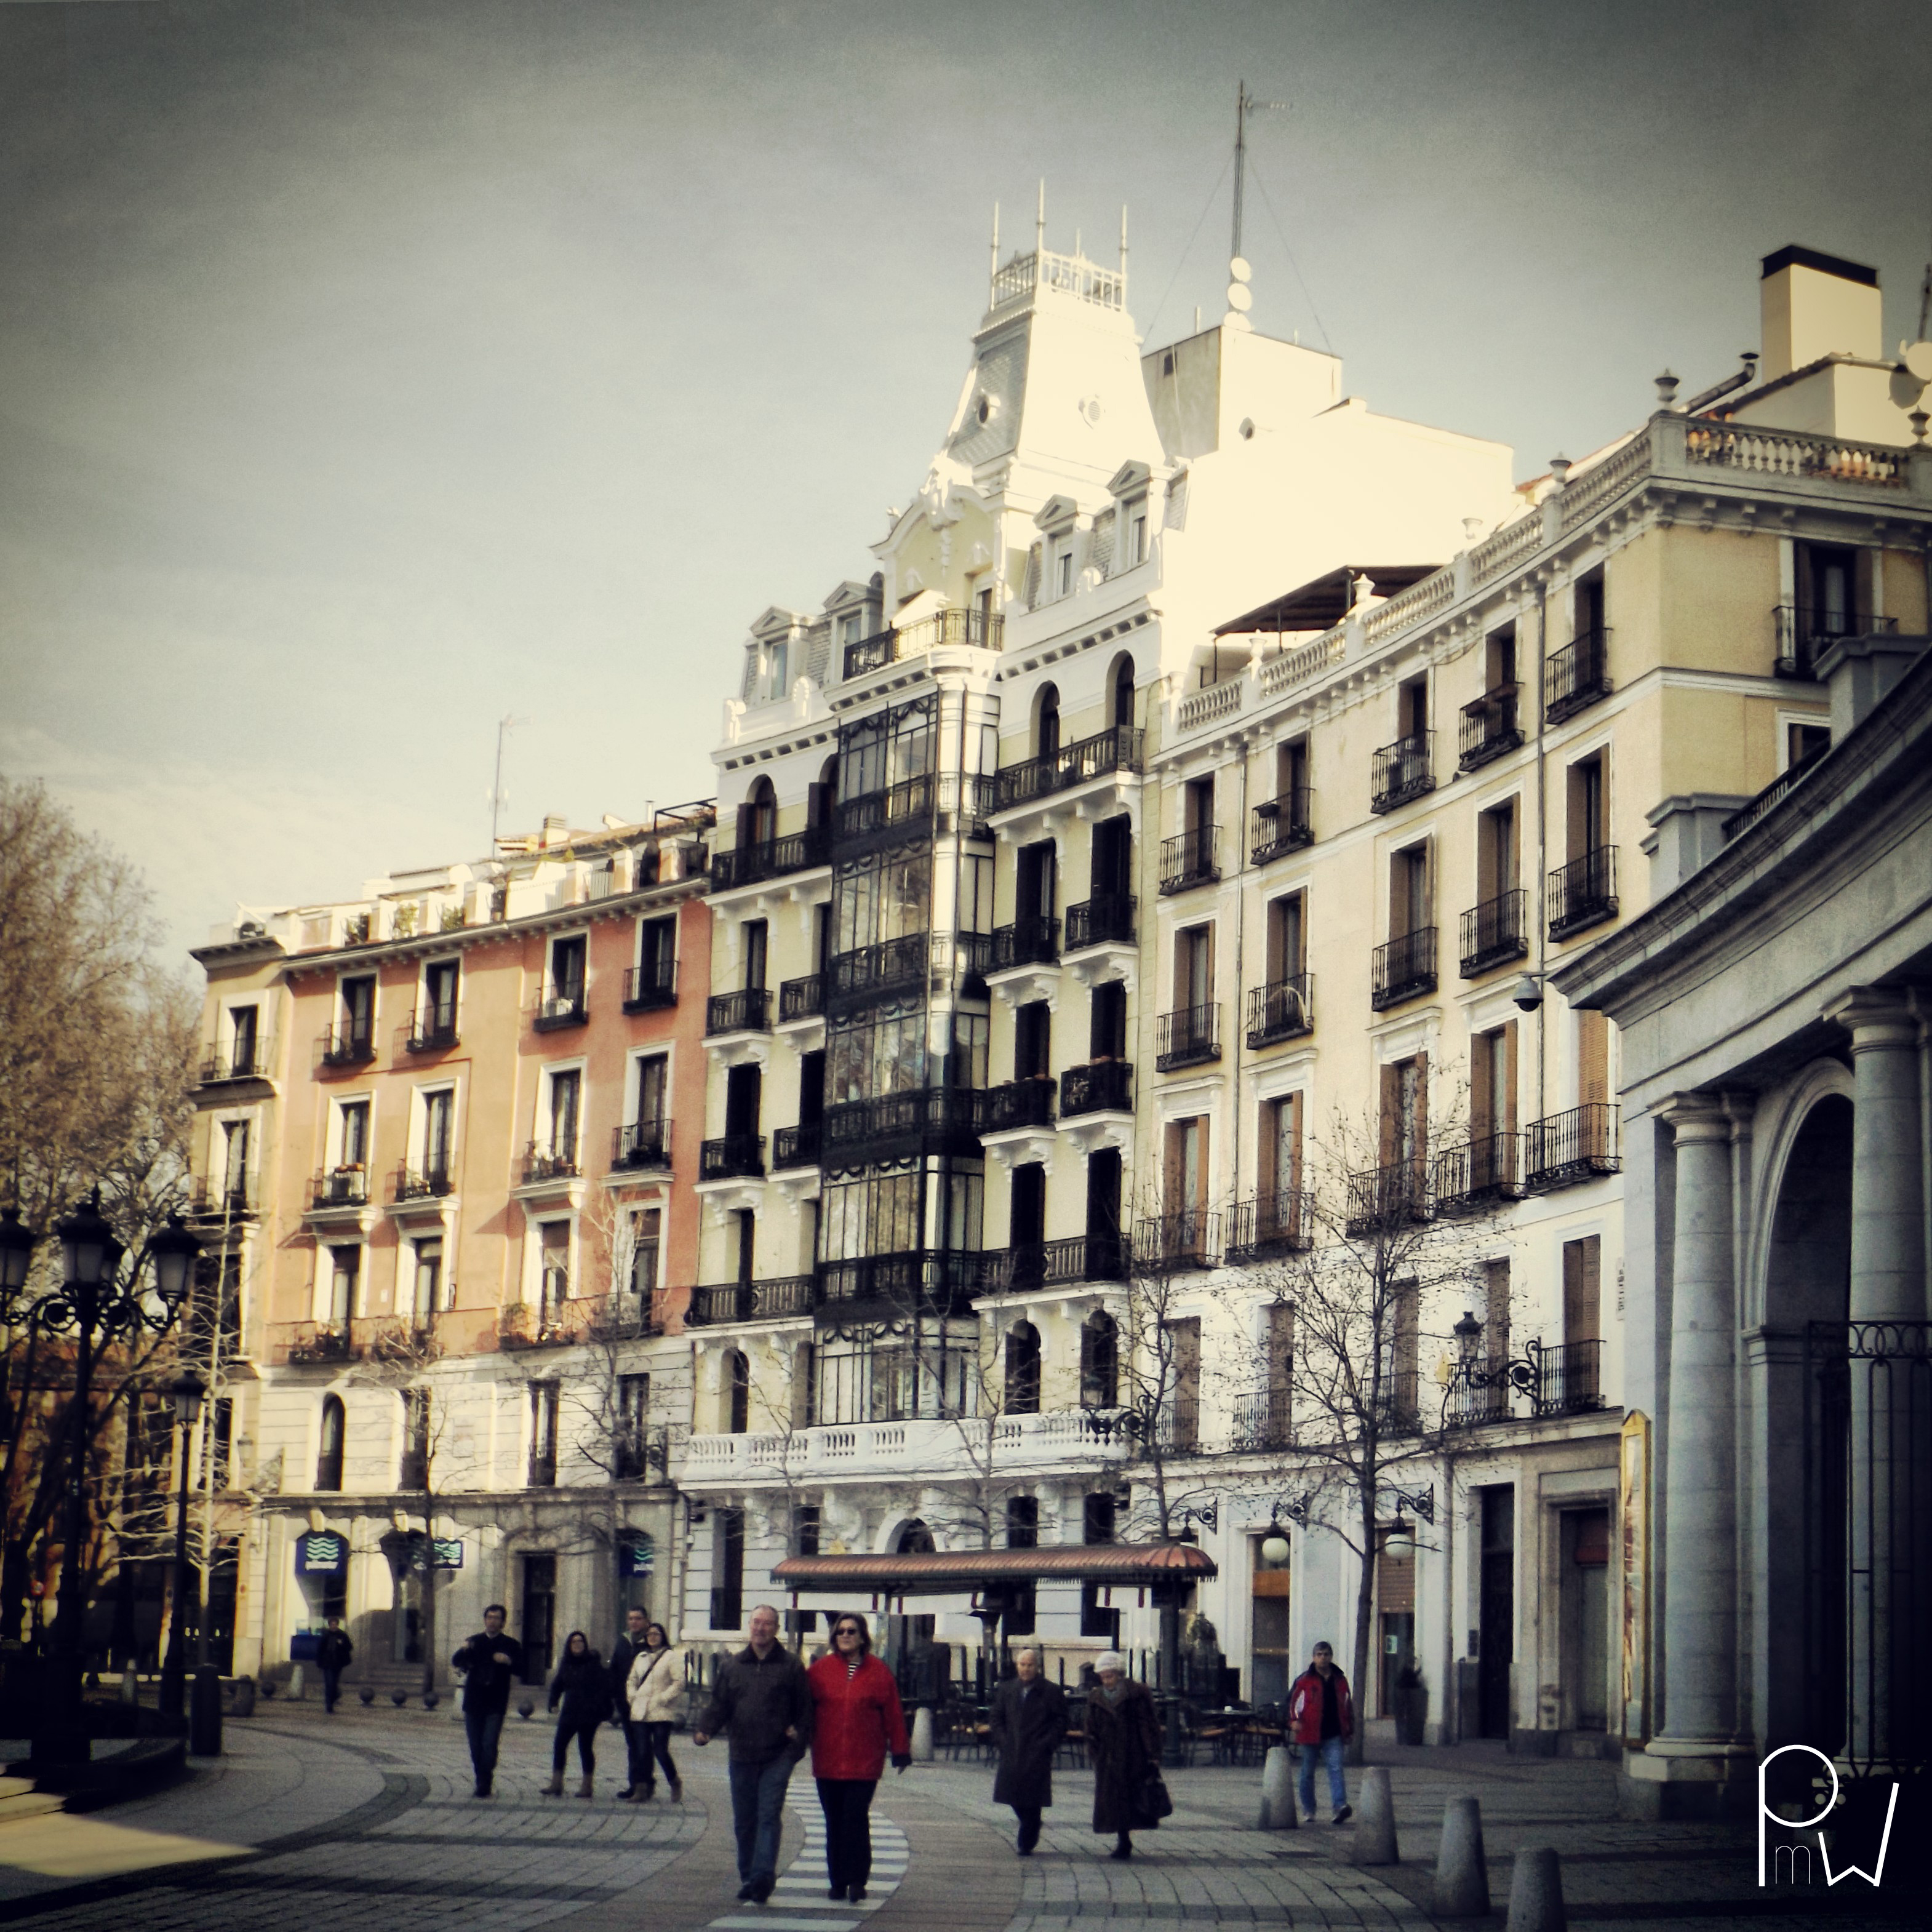 Oriente square